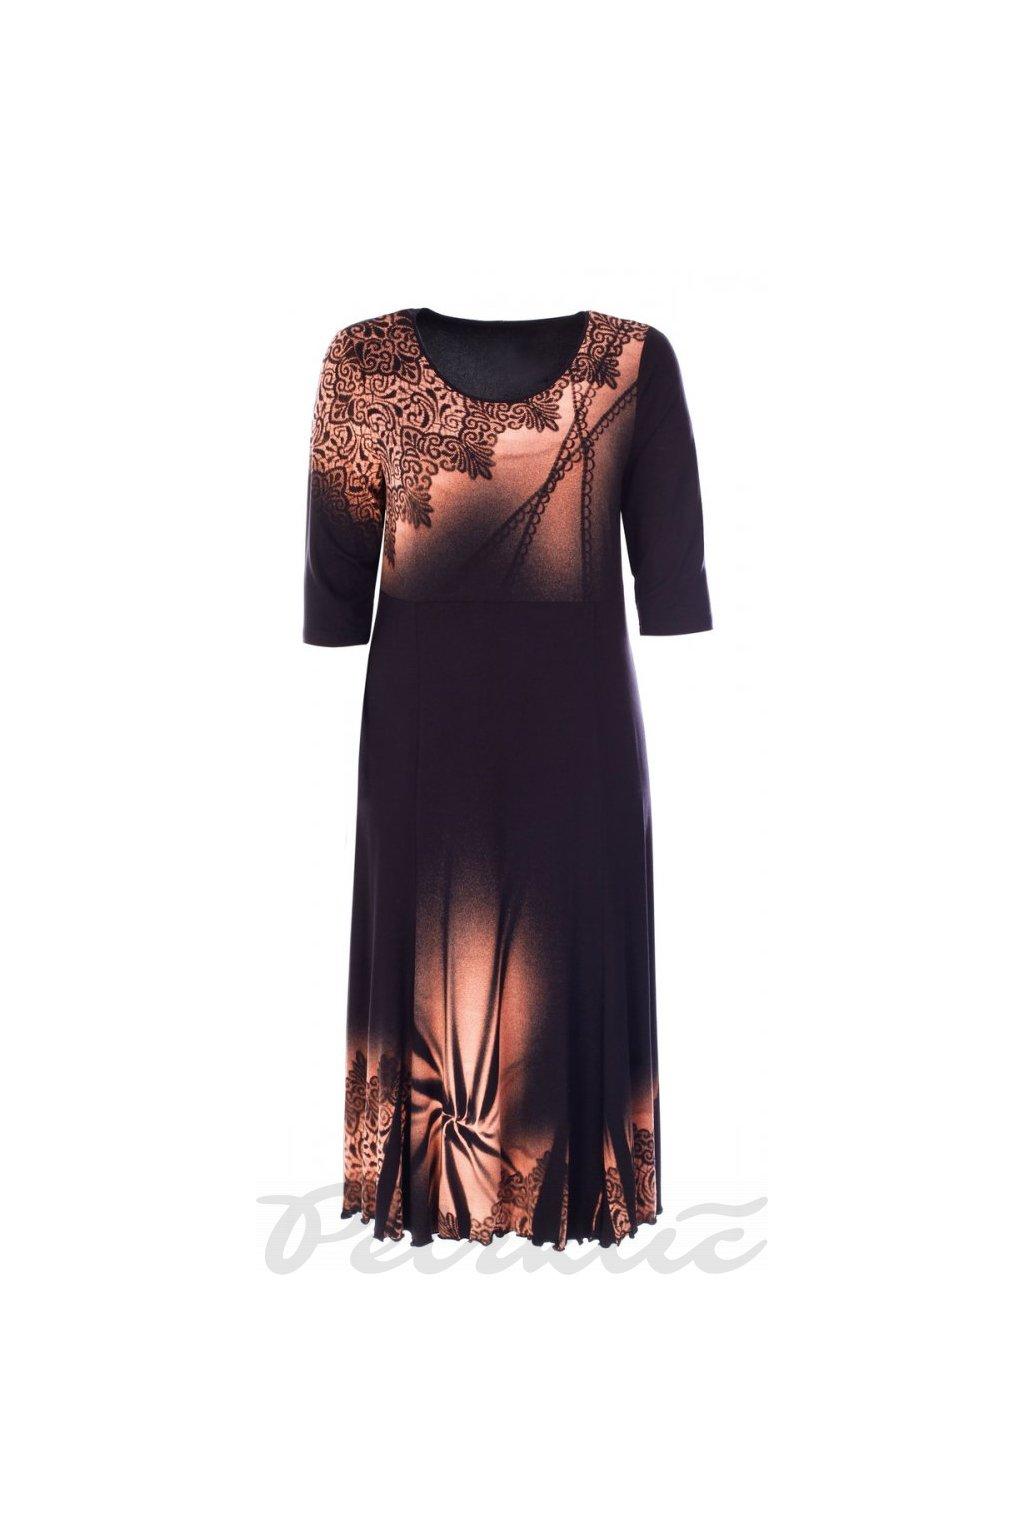 MARYLA - šaty 3/4 rukáv 120 - 125 cm